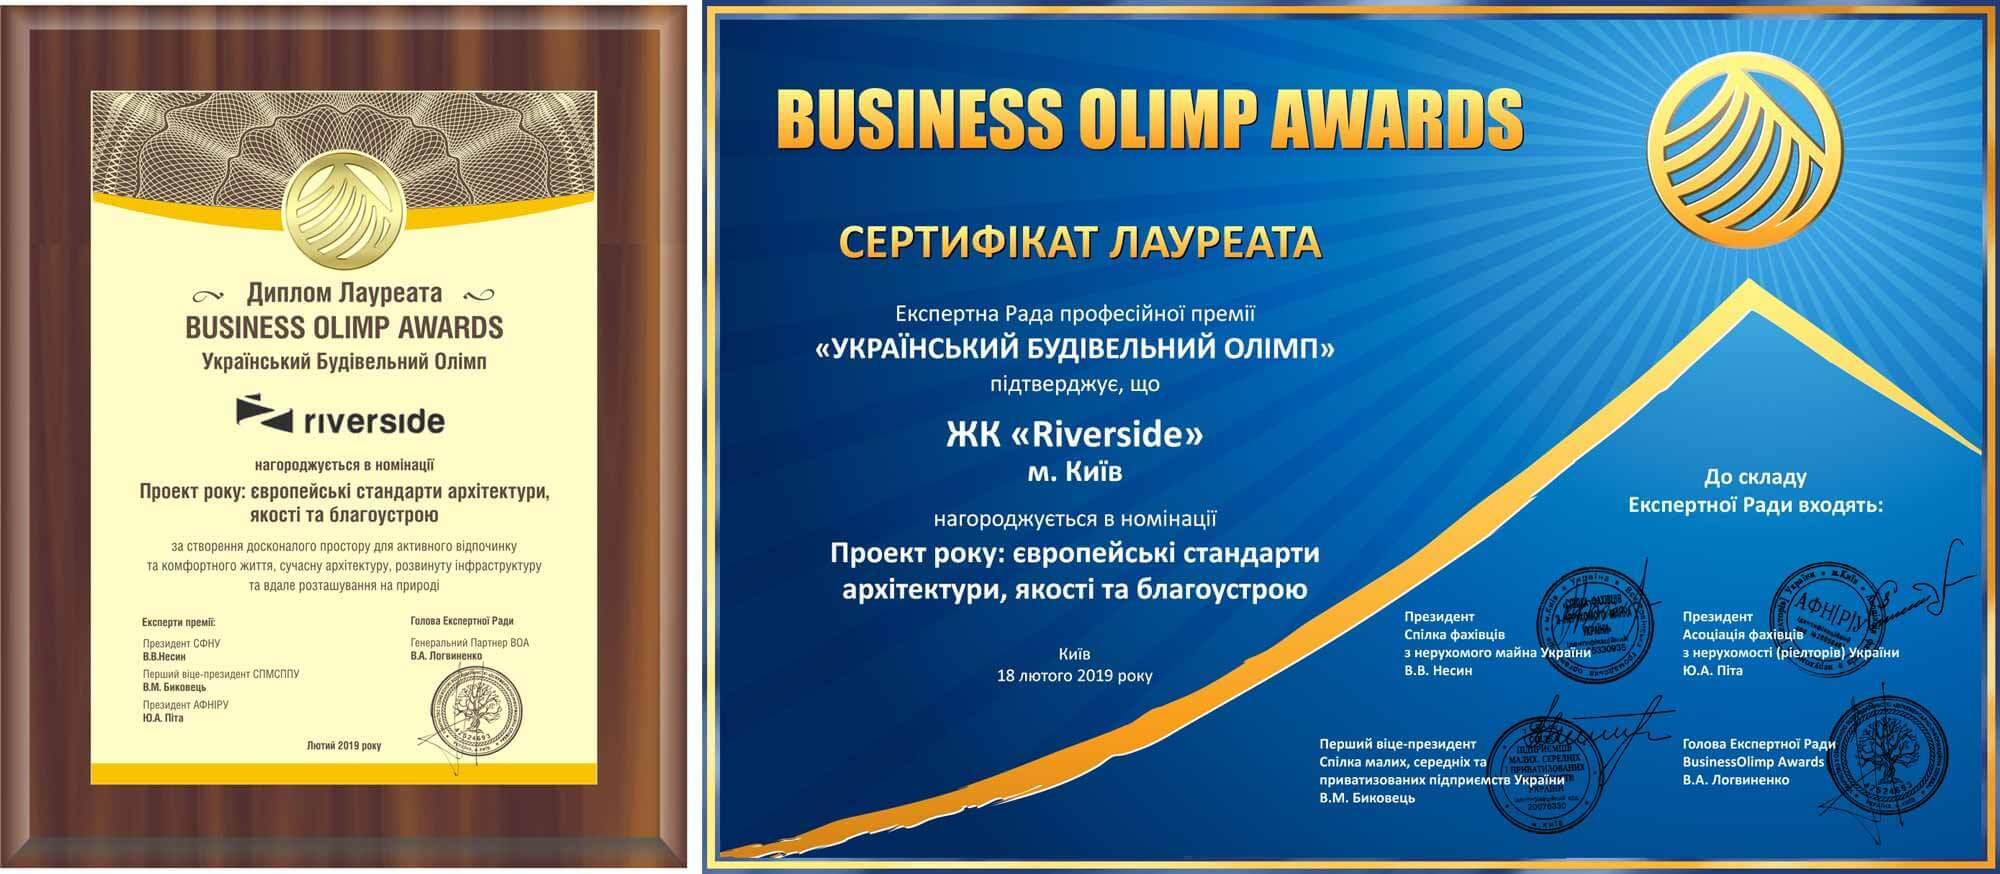 (UA) «Riverside» отримав звання: «Проект року: європейські стандарти архітектури якості та благоустрою»